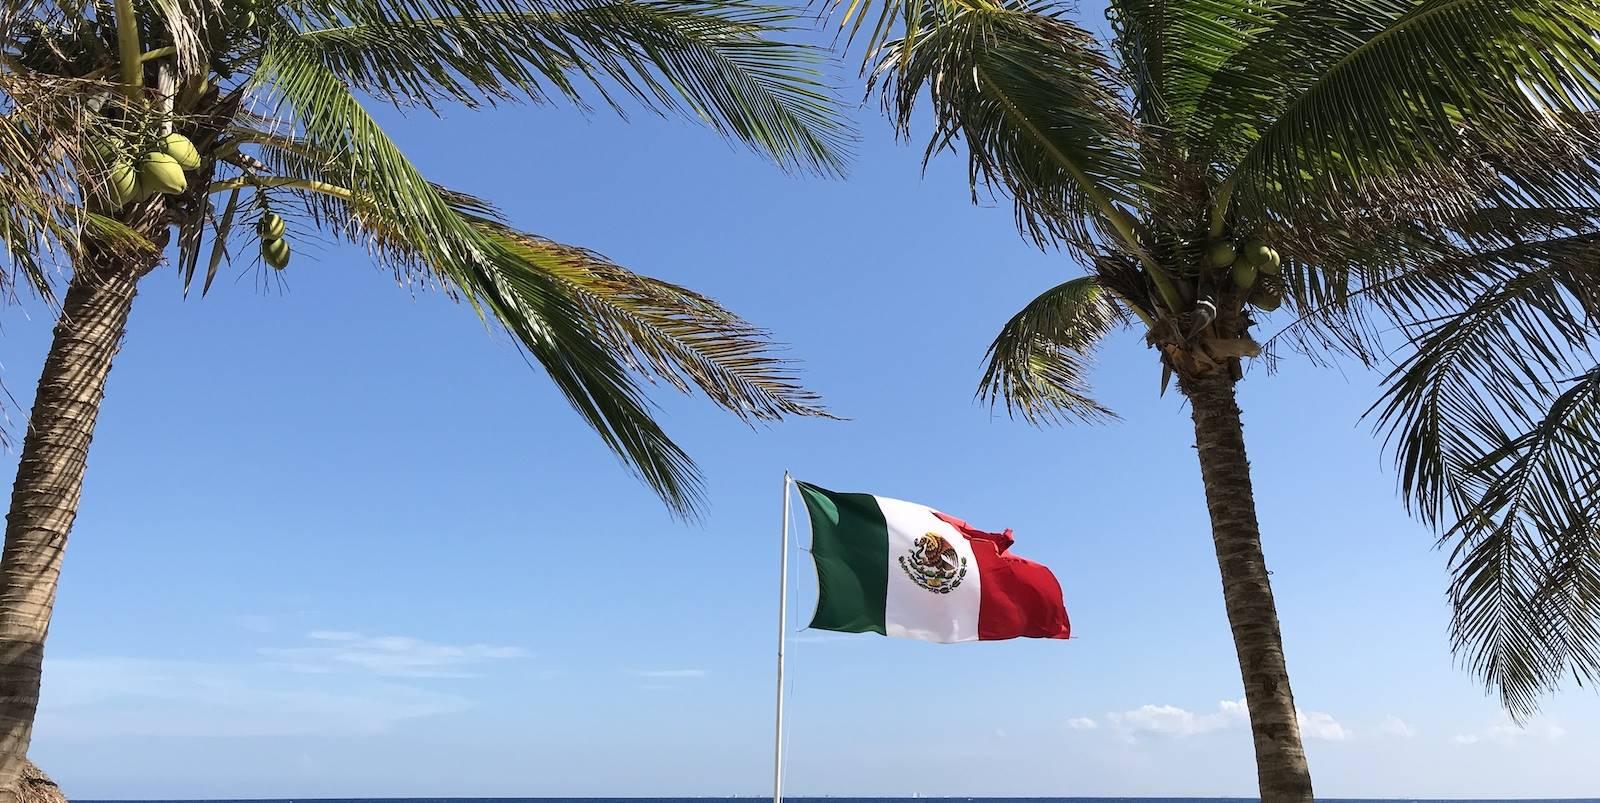 Jeanette in Mexico: 'Soms voelt het alsof ik achter de begonia's zit'